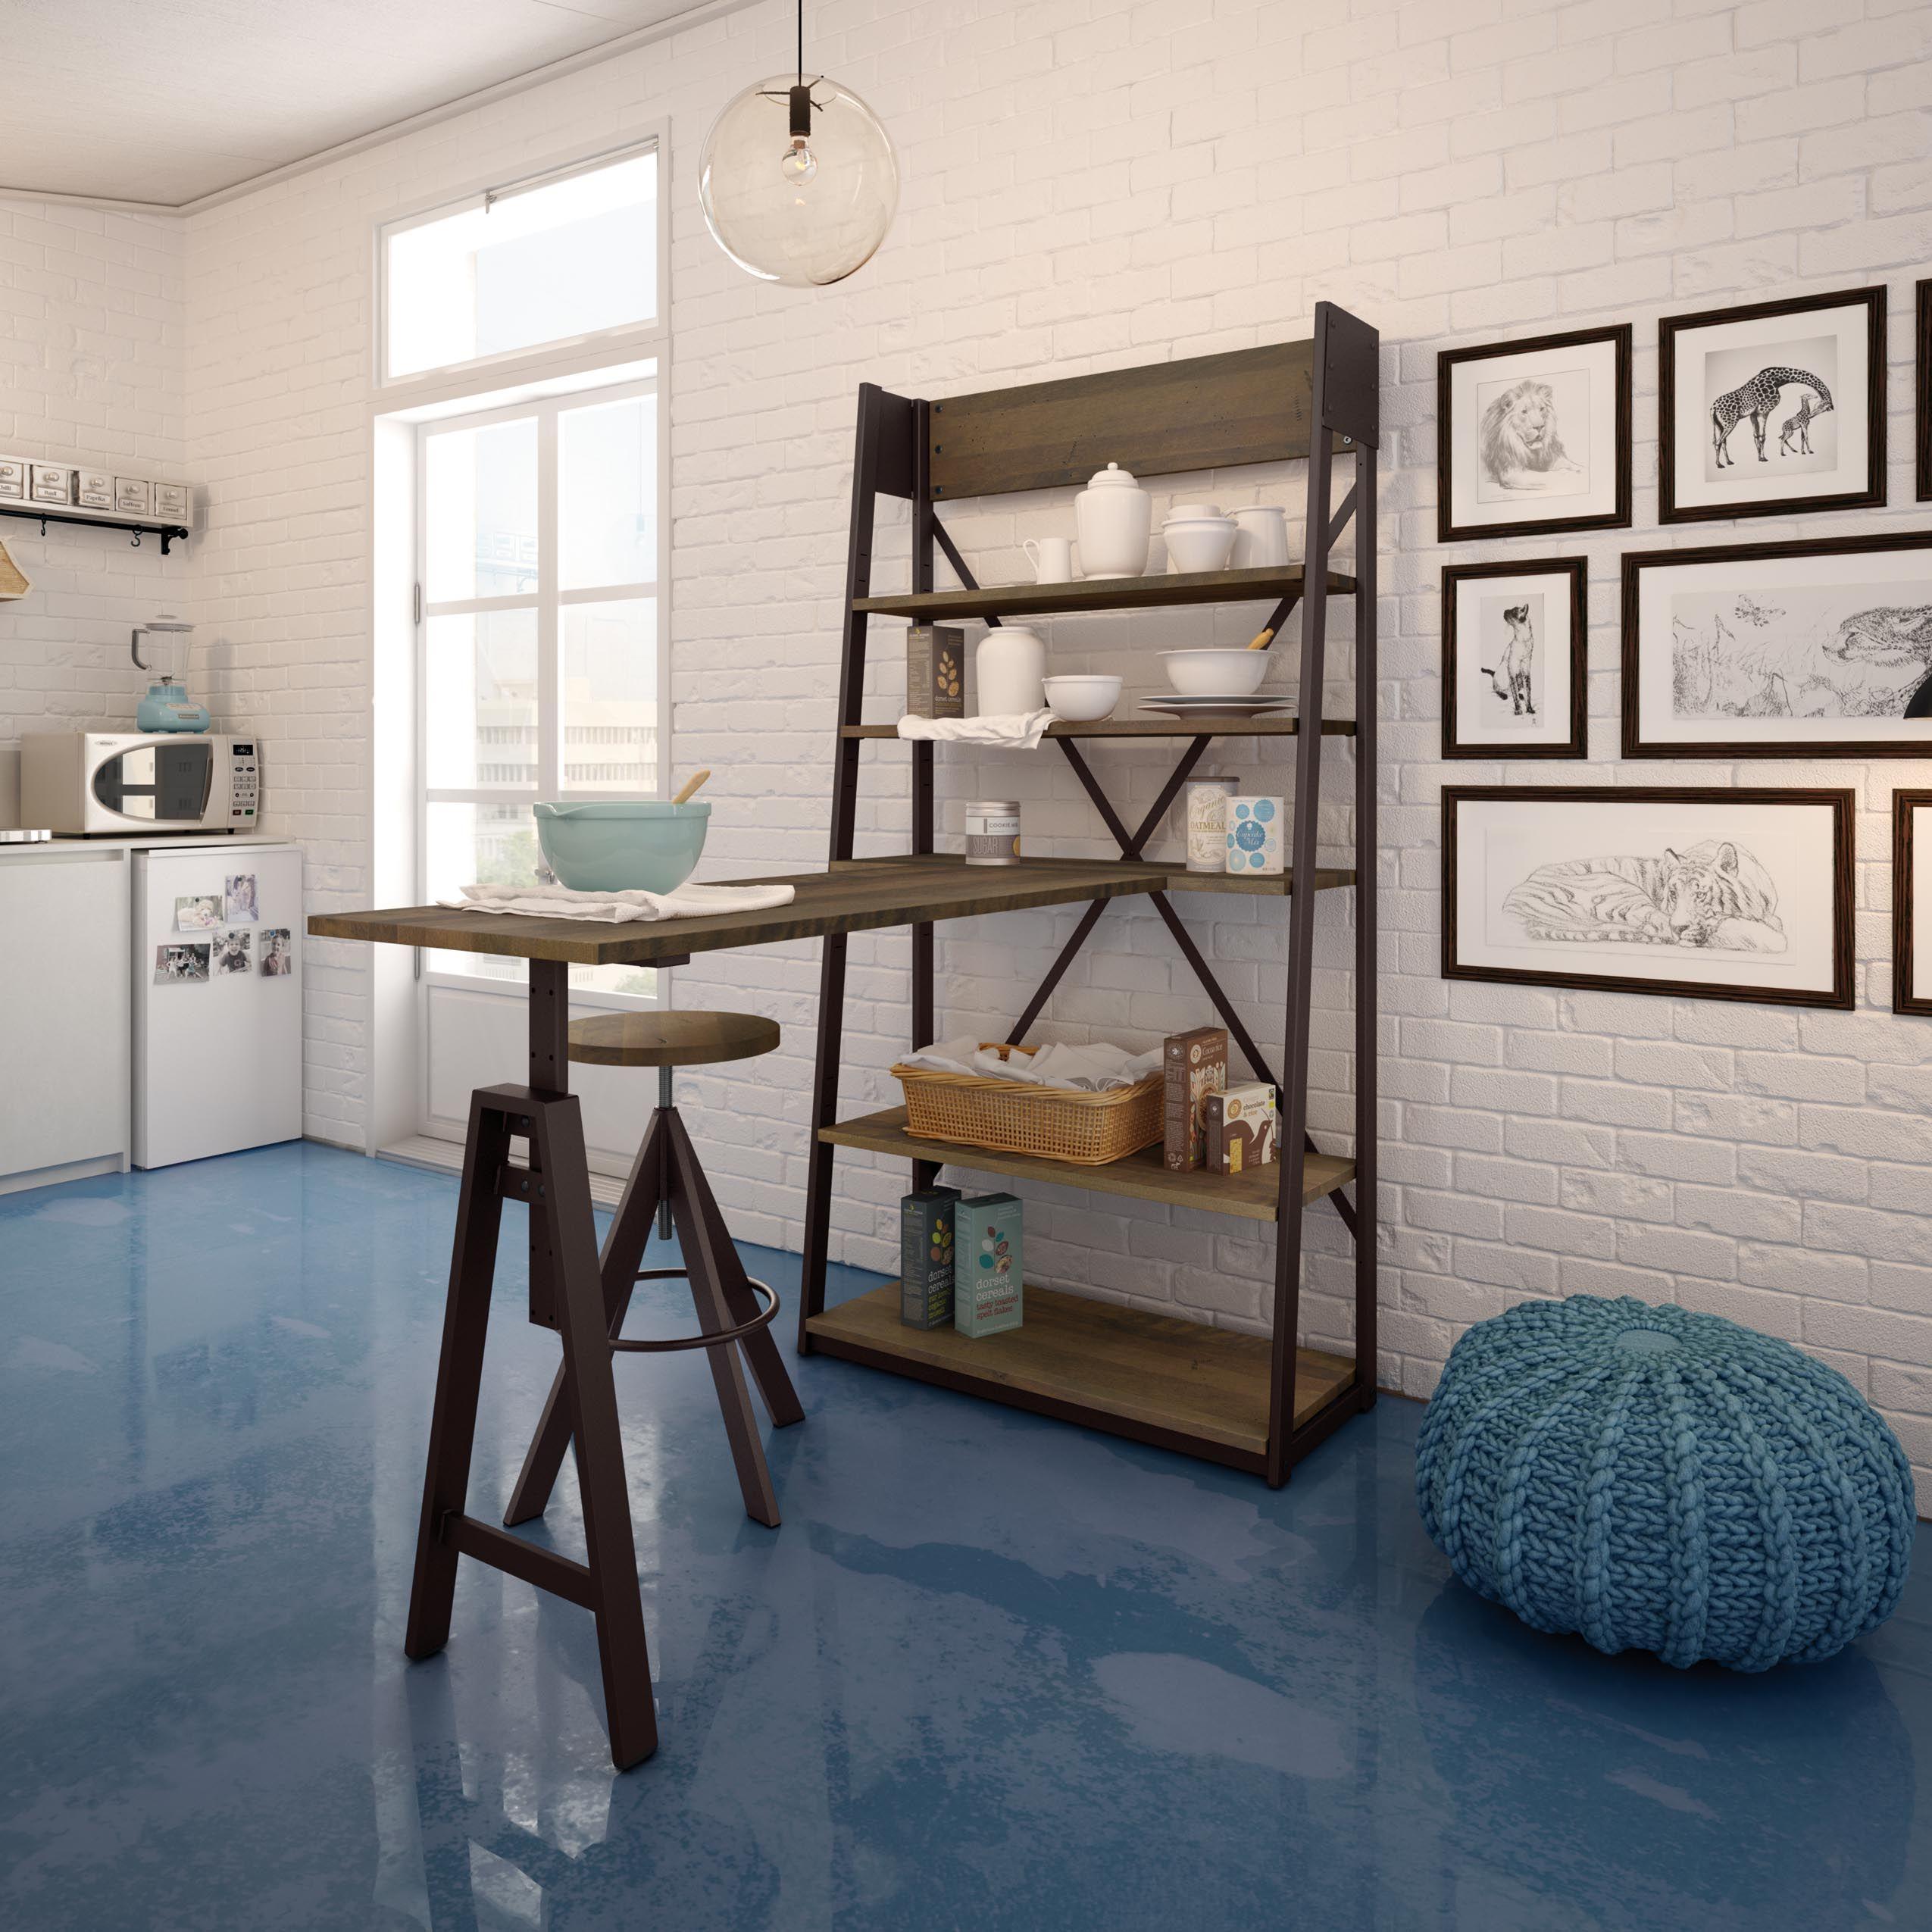 Office Kitchen Furniture: Rupert Freestanding Unit (51145)